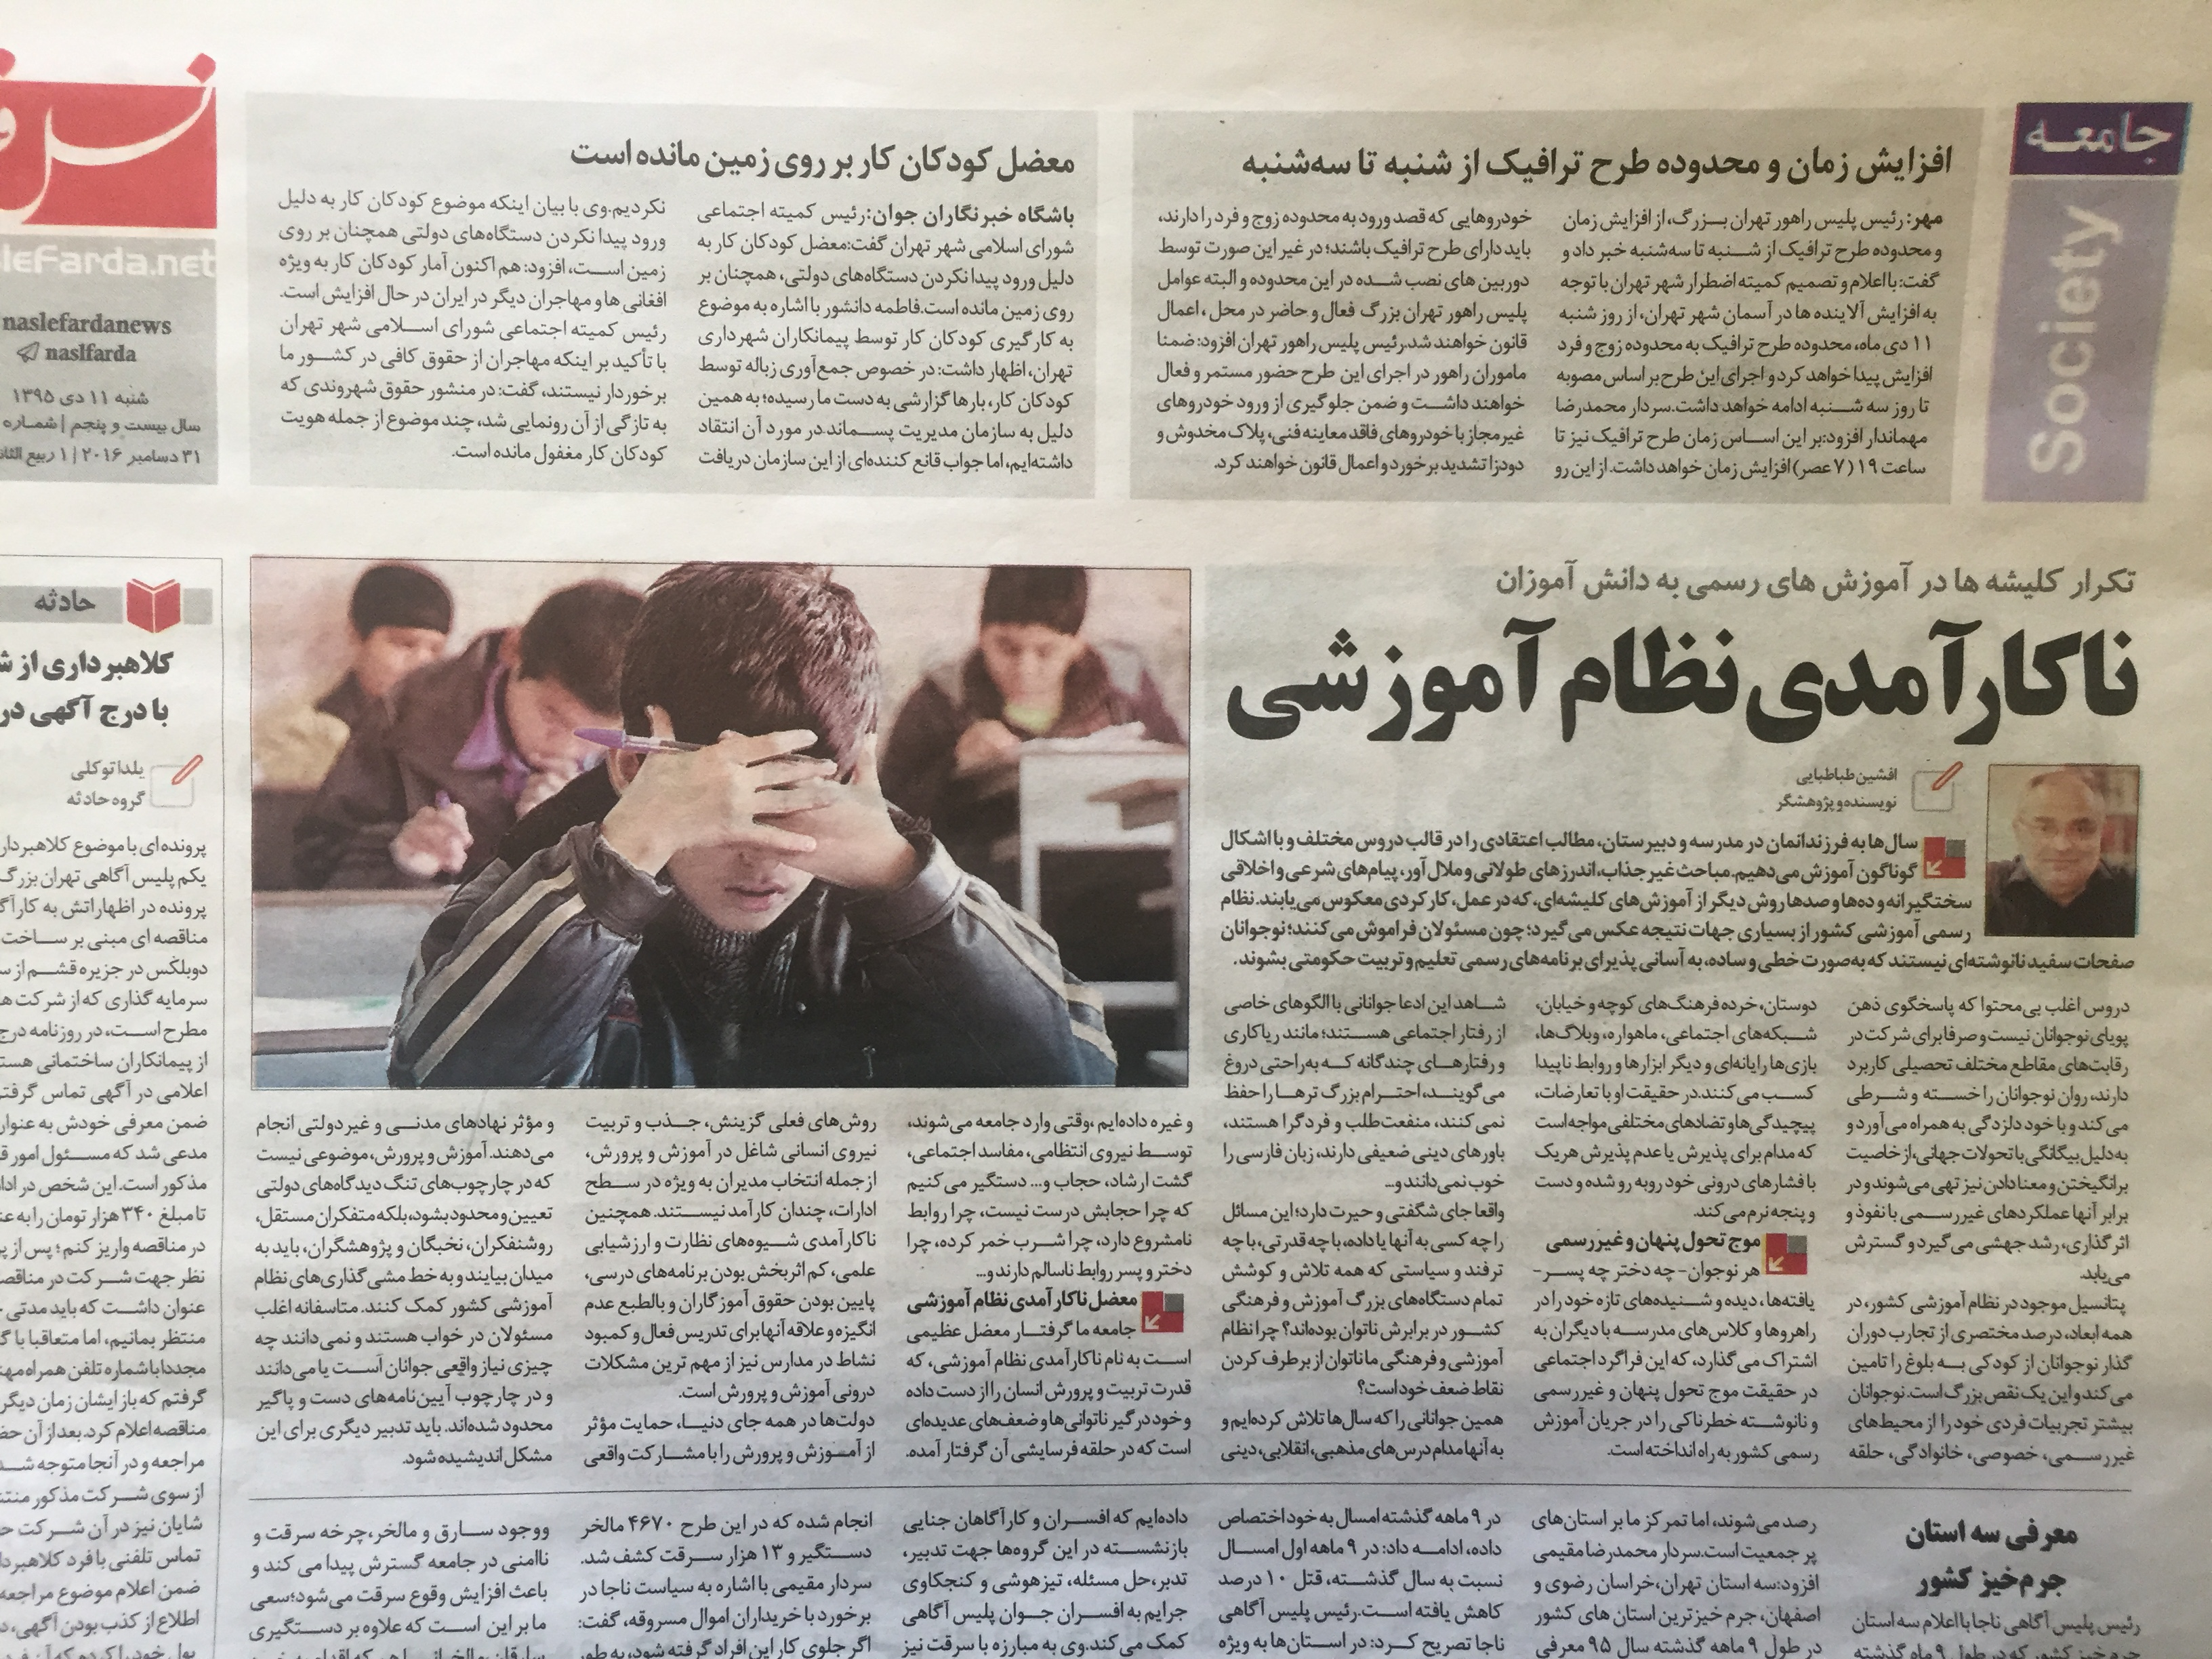 یادداشت روزنامه: ناکارآمدی نظام آموزشی